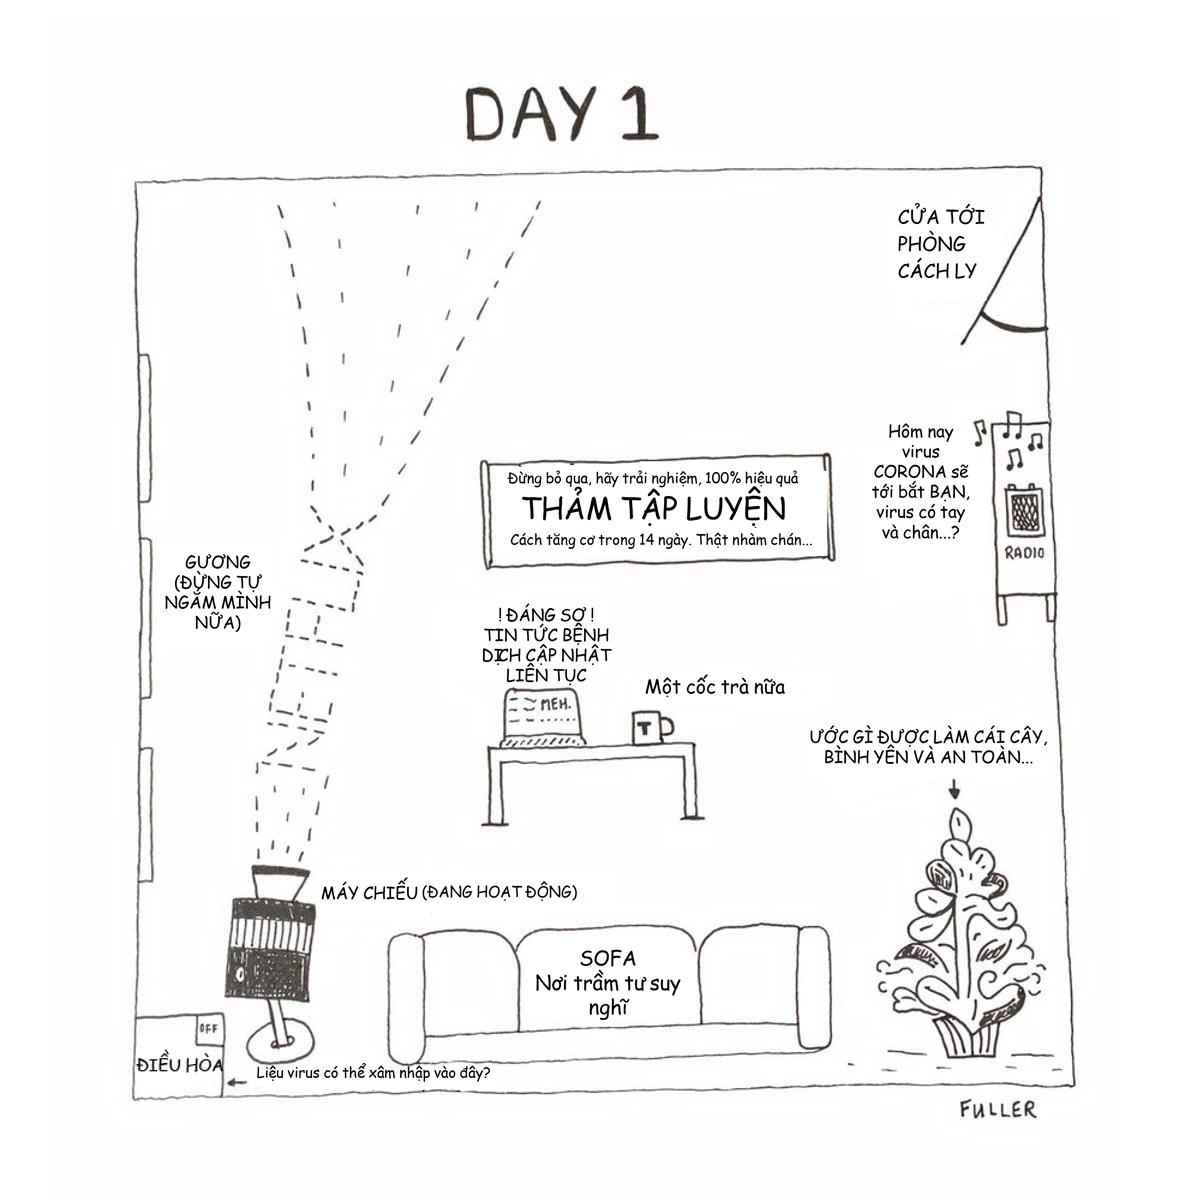 Họa sĩ tái hiện khung cảnh trong bốn bức tường ở ngày đầu cách ly (đã Việt hóa).